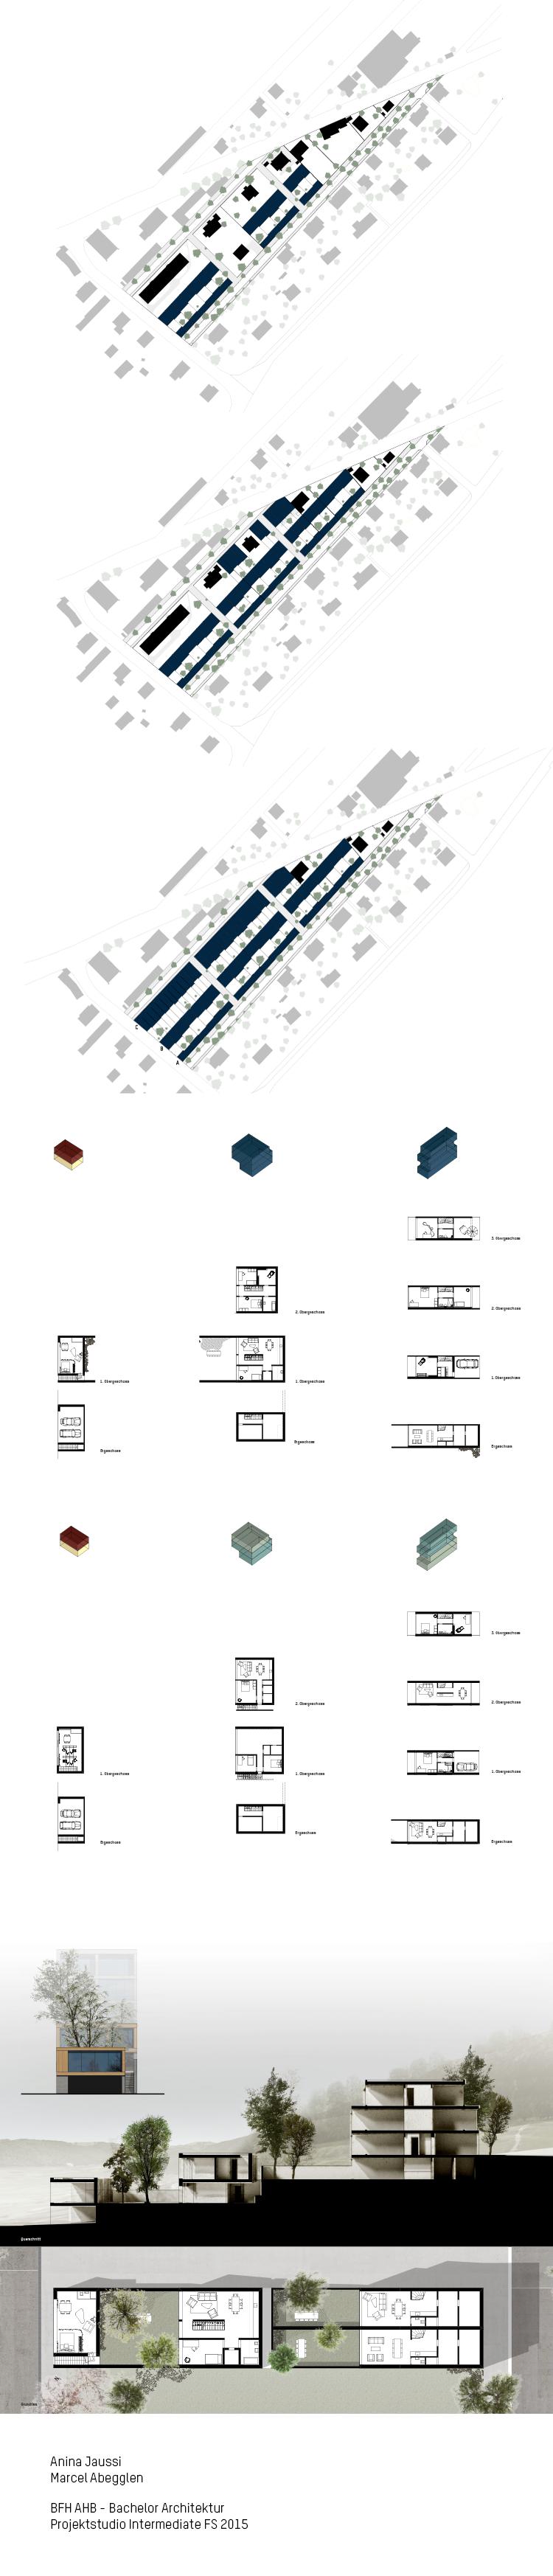 layout_web